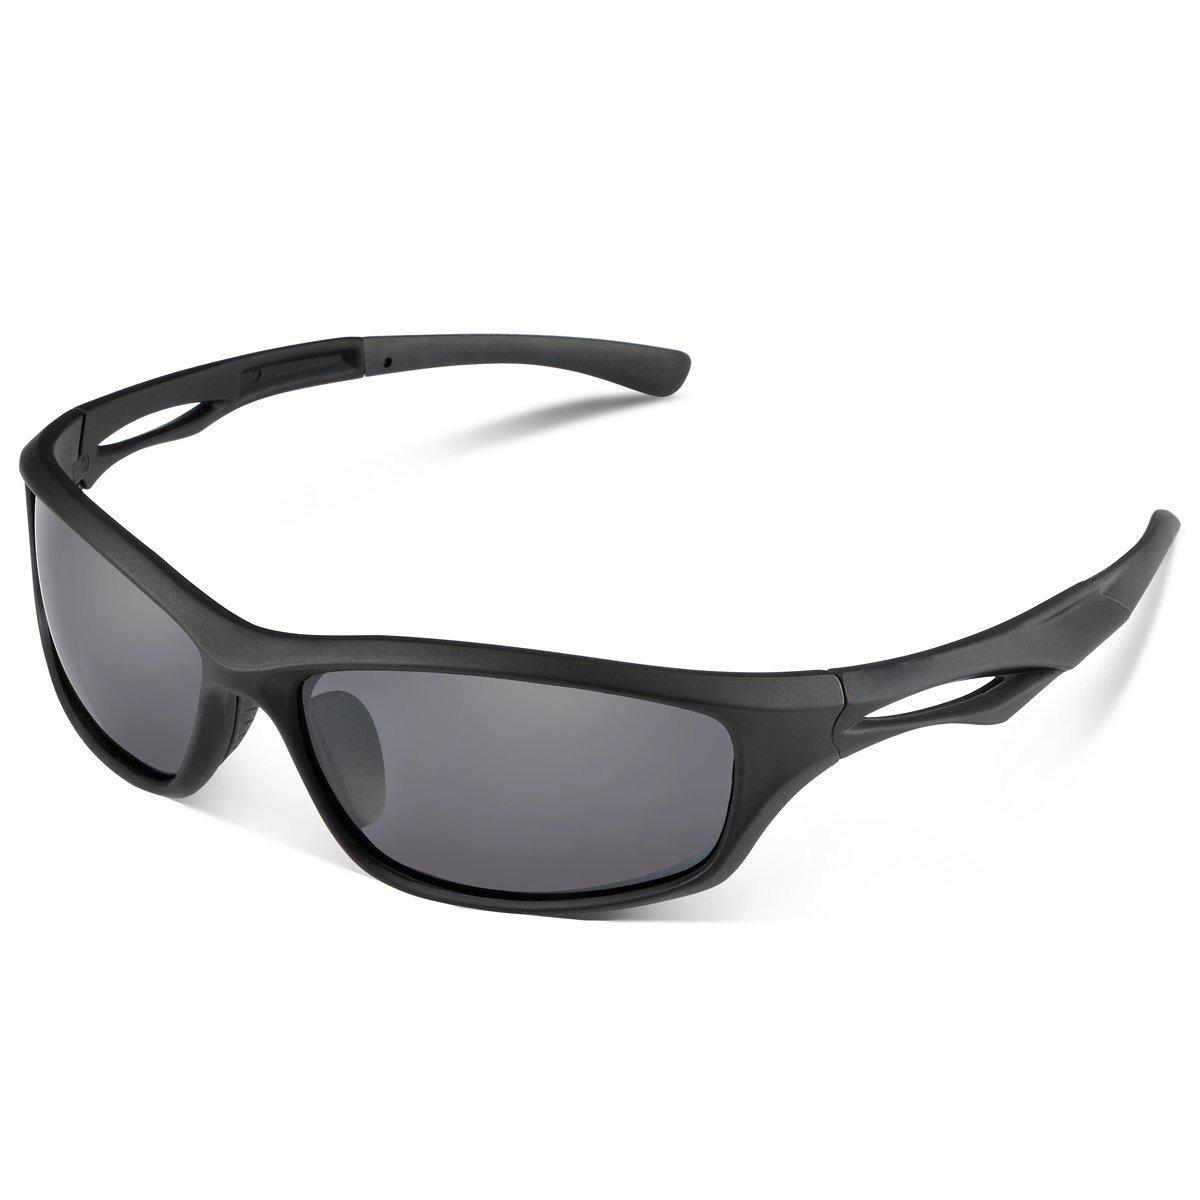 c4a943863e gafas de sol polarizadas sport hombres mujeres pesca cond. Cargando zoom.